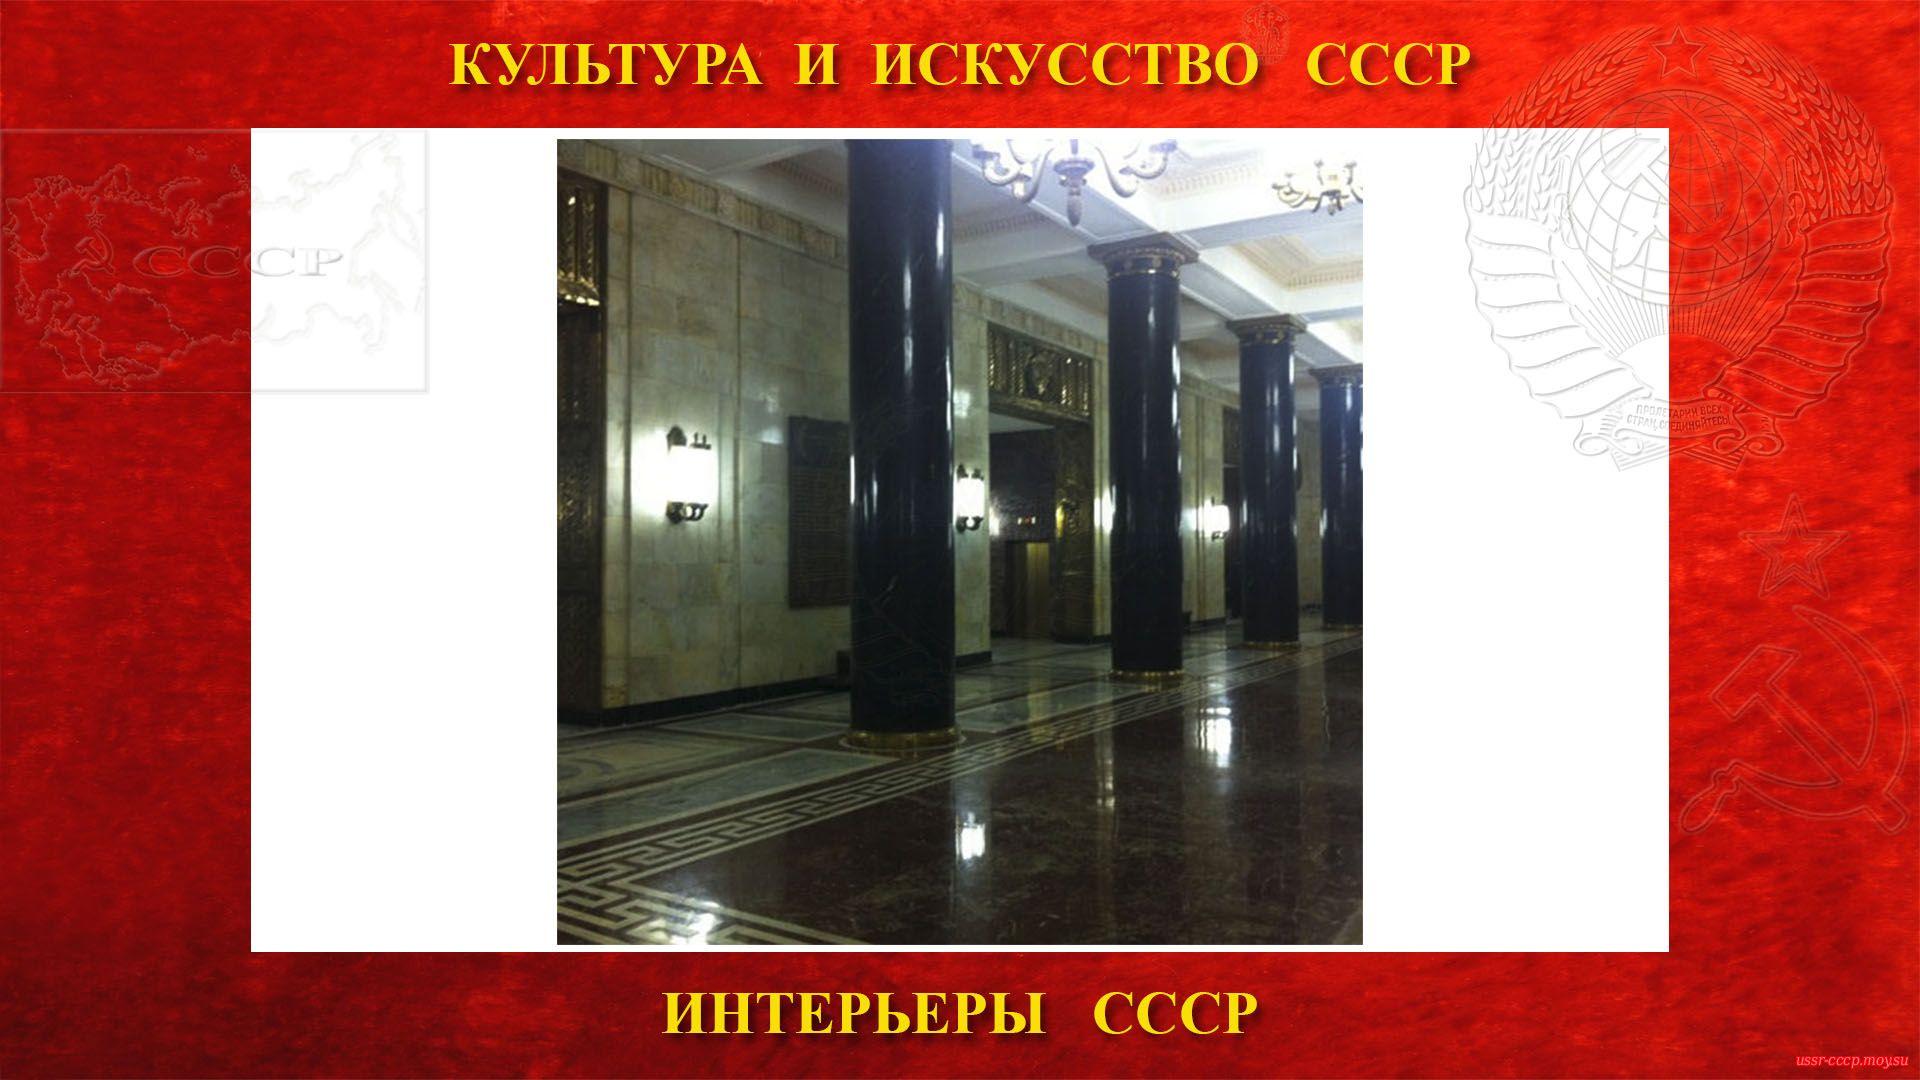 Вестибюльв СССР (повествование)